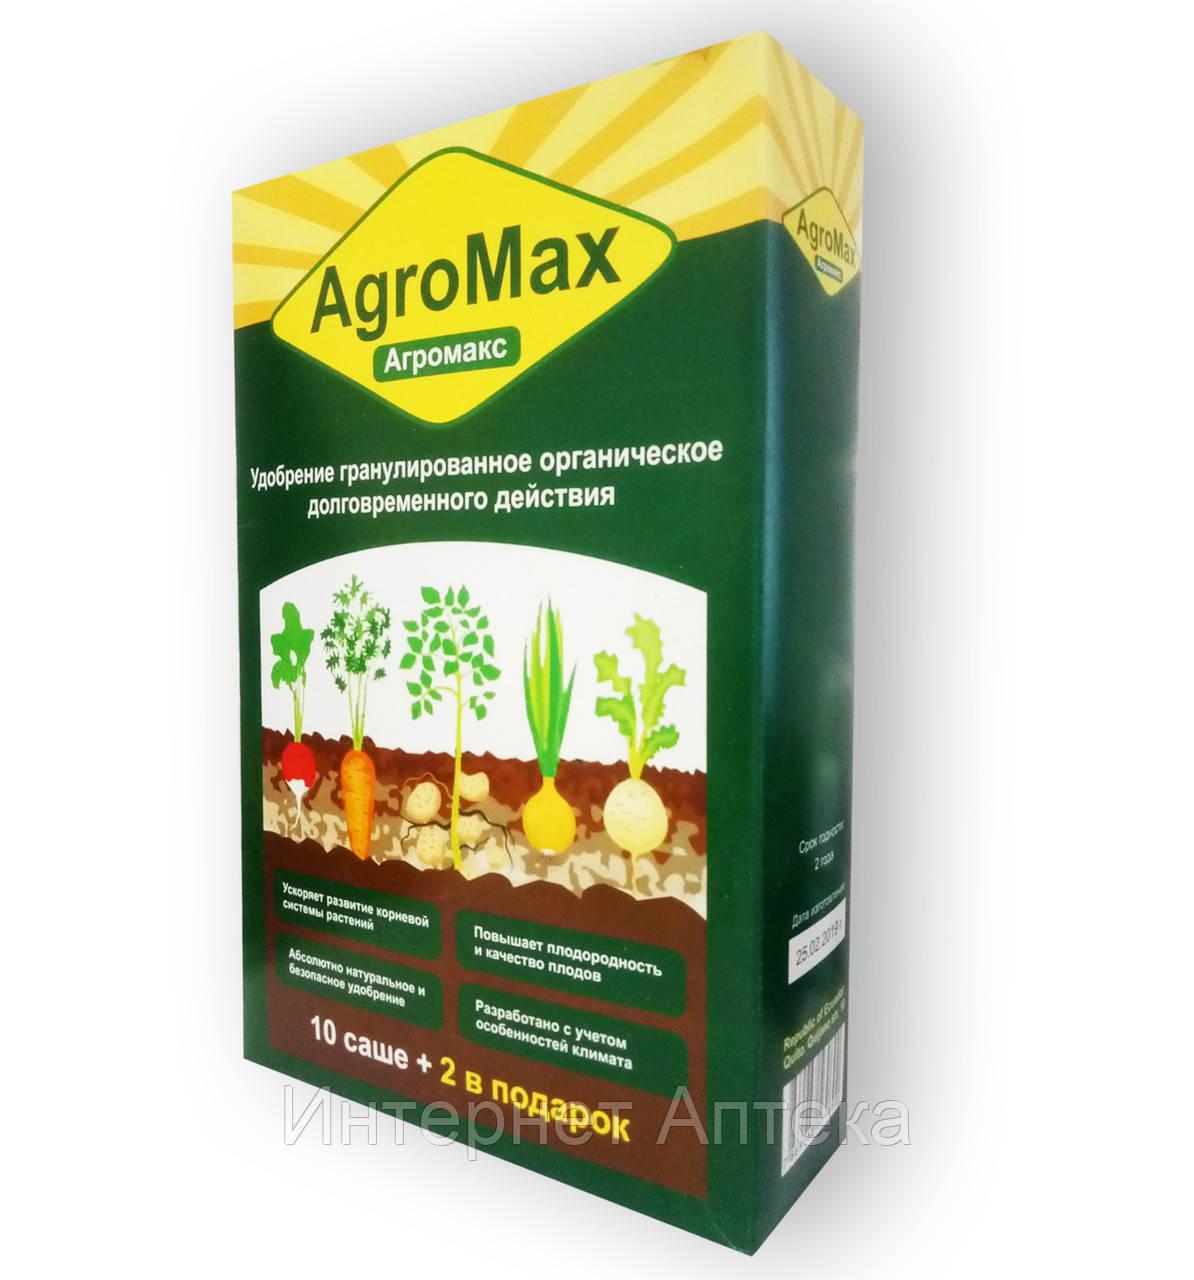 Биоудобрение agromax - АгроМакс, удобрение agromax